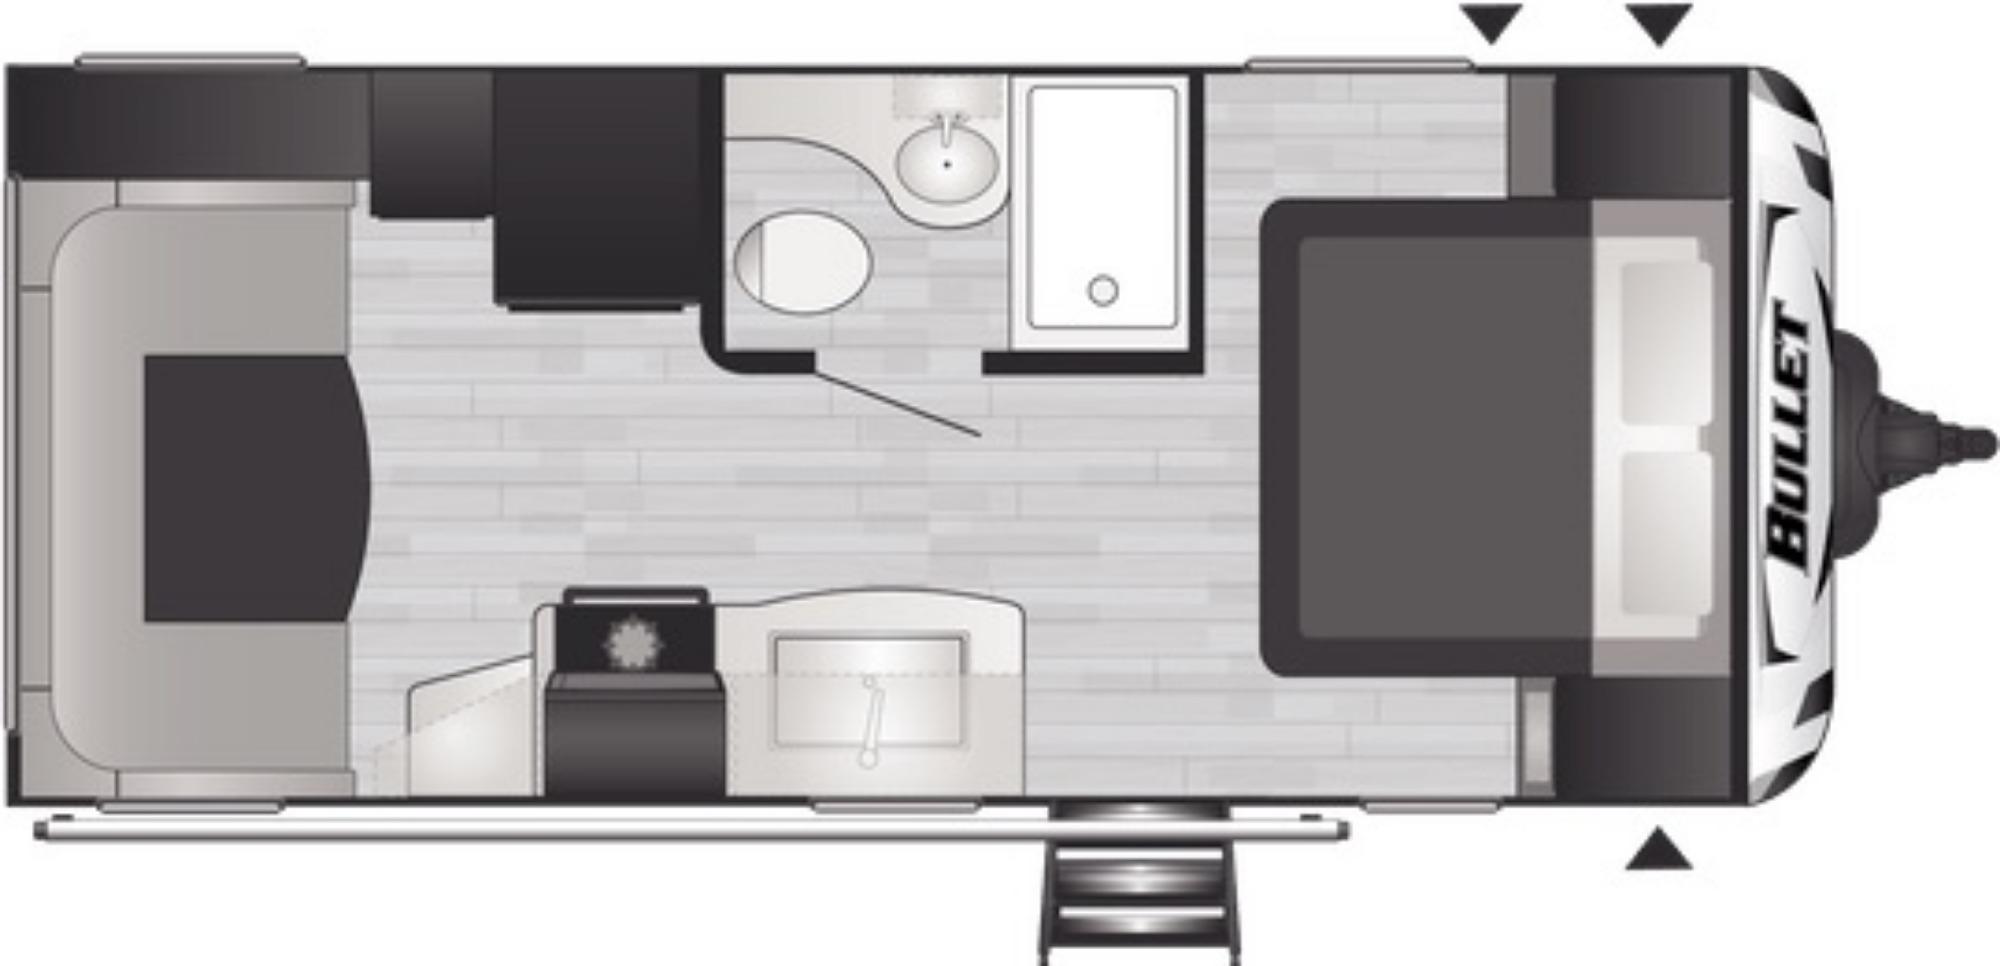 View Floor Plan for 2021 KEYSTONE BULLET 210RUDWE